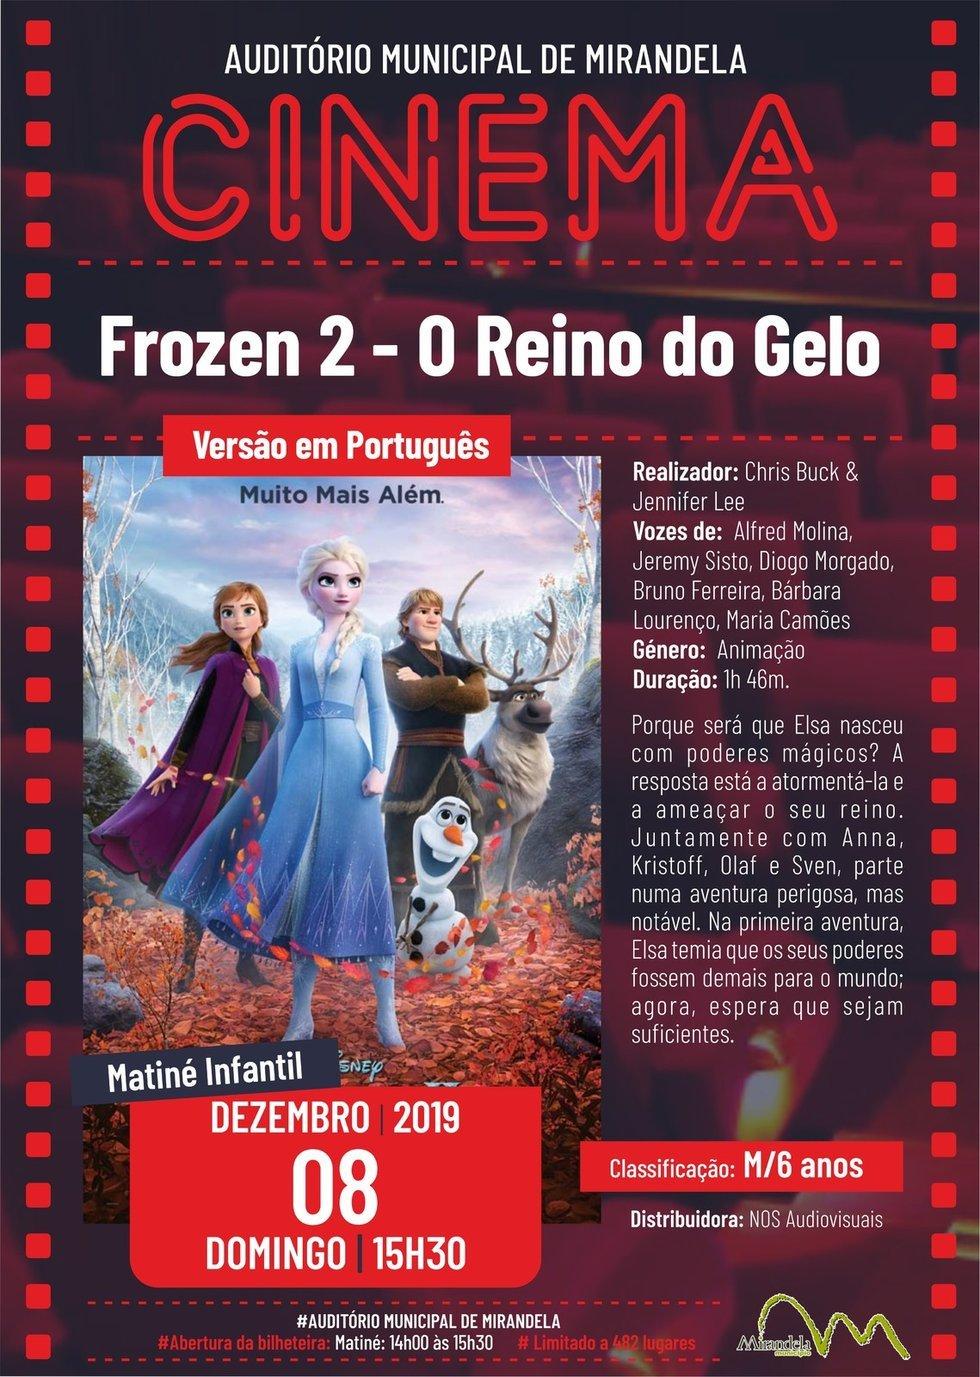 Cinema: Frozen 2 - O Reino do Gelo